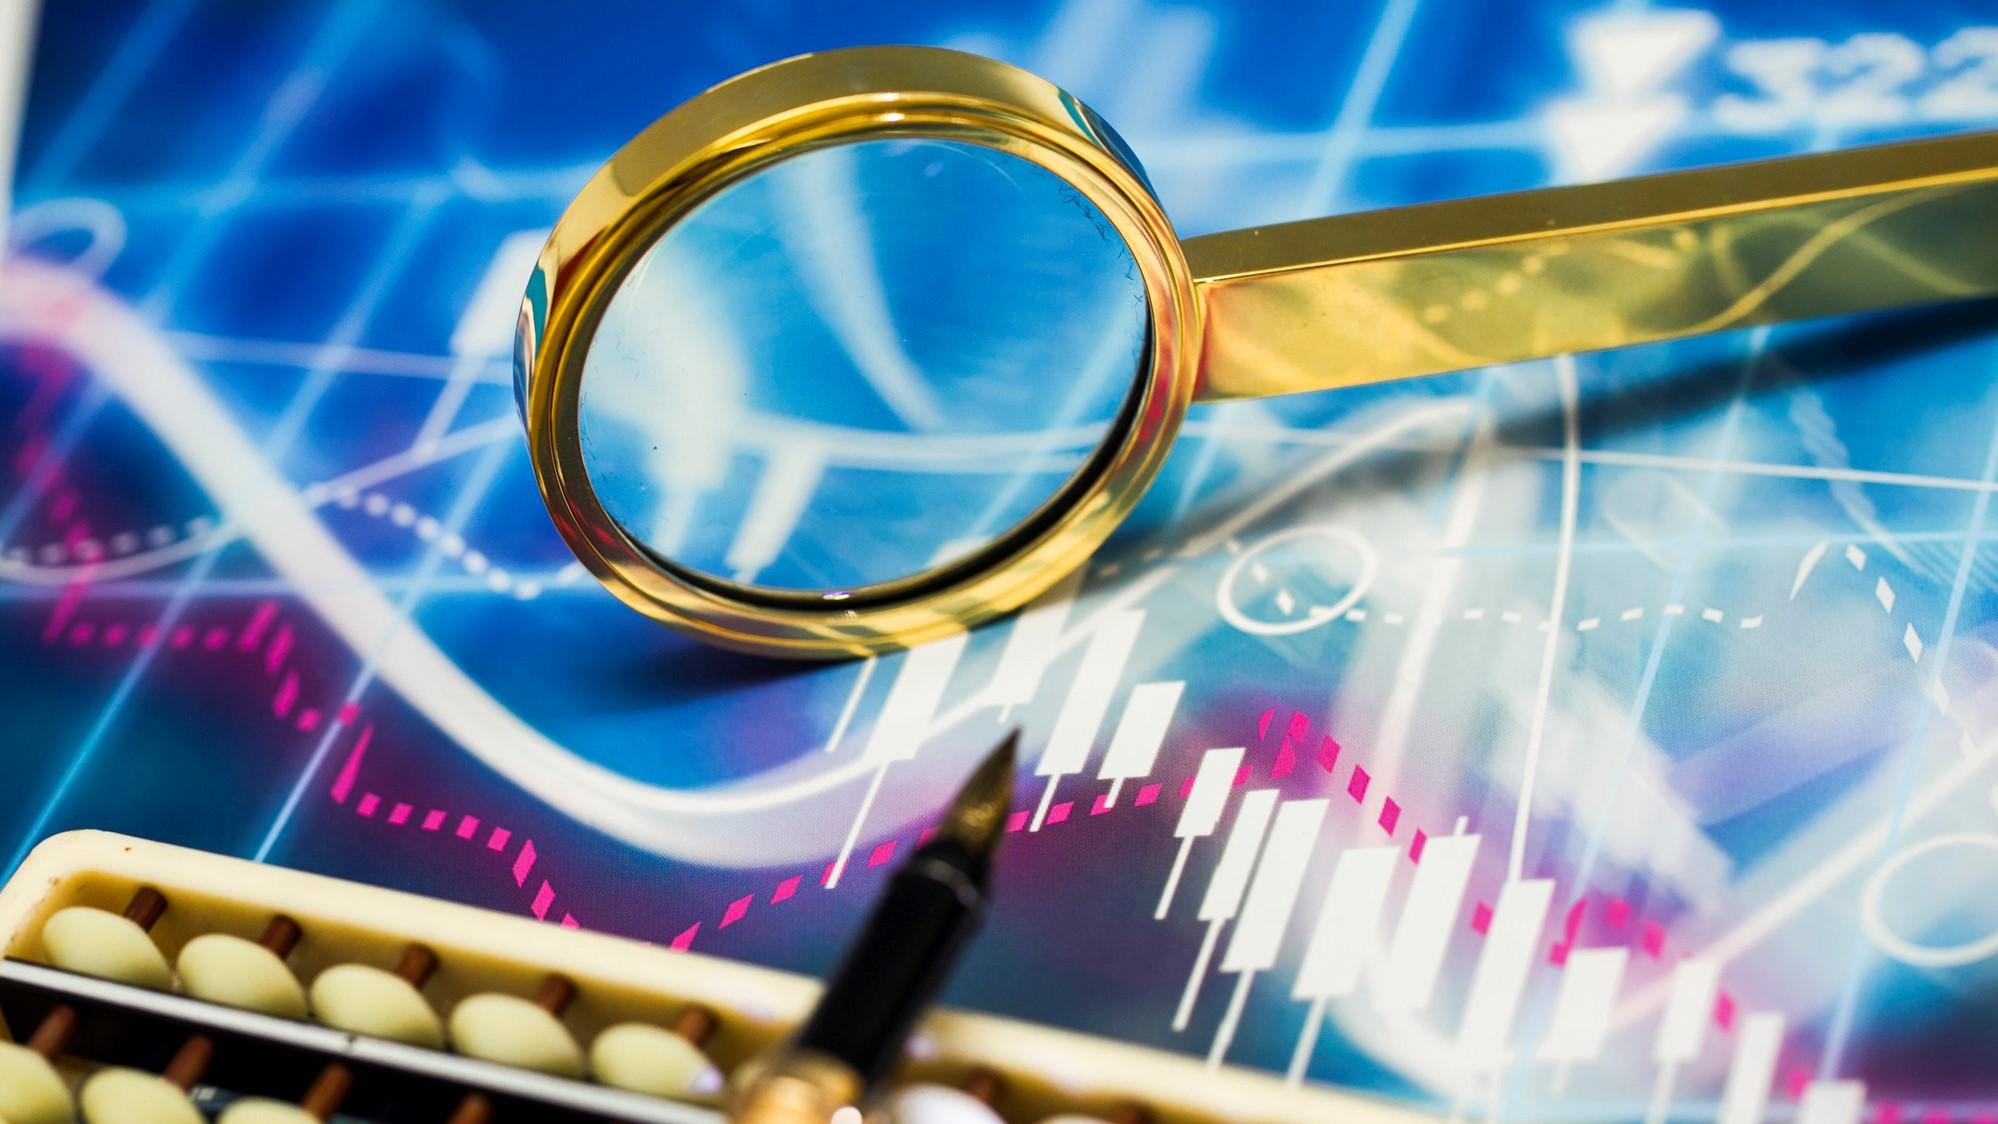 富智康集团(02038.HK):中期亏损收窄至8408万美元,股价一度上涨7%